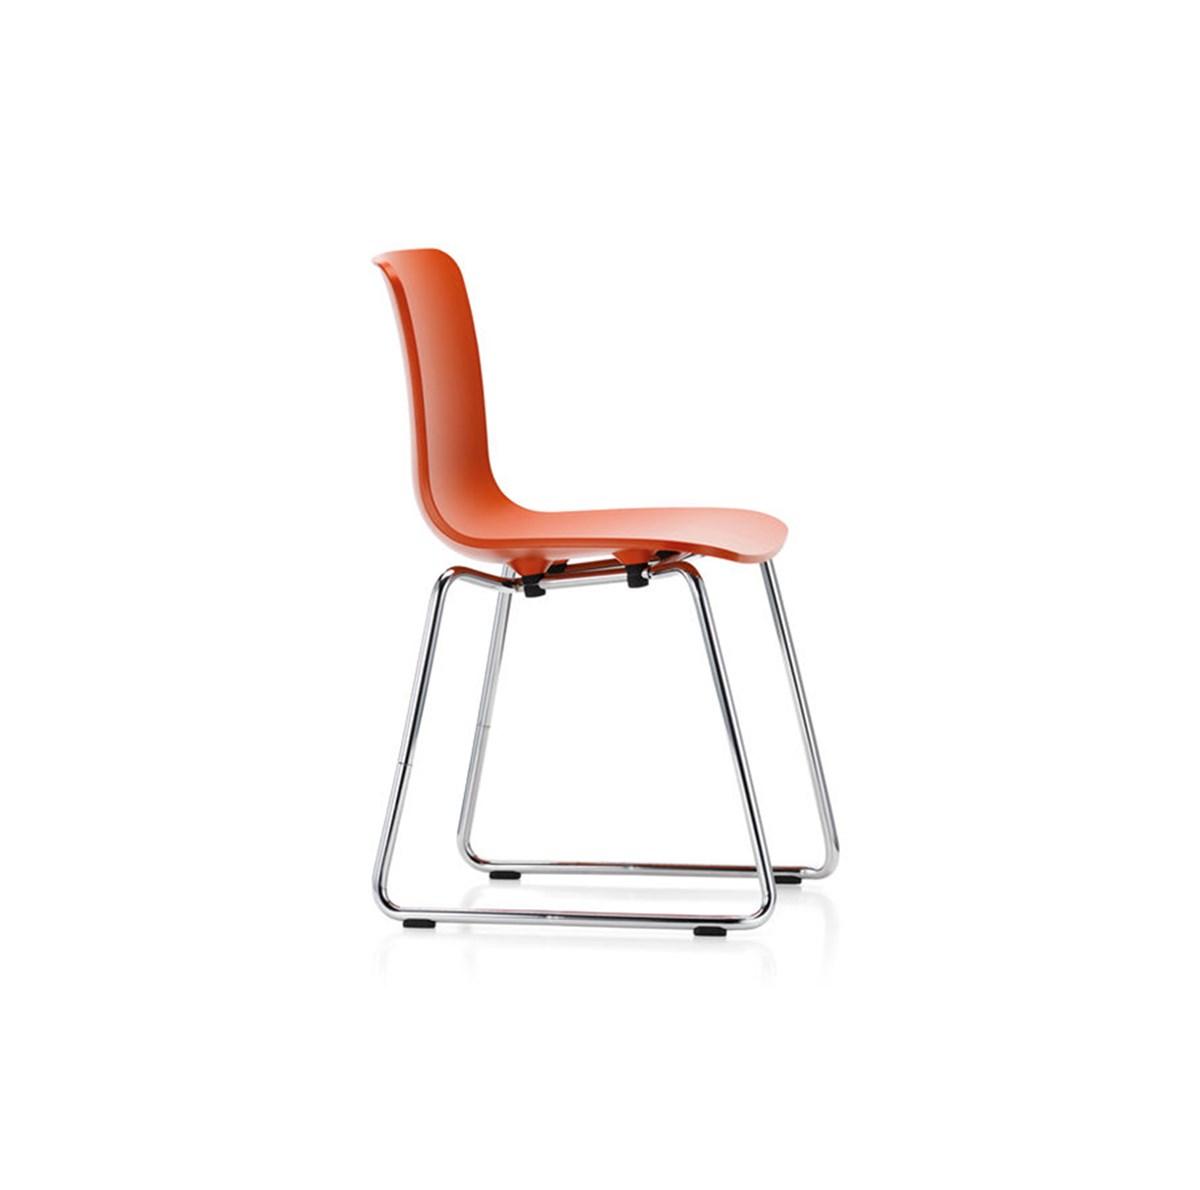 Vitra-Jasper-Morrison-HAL-Sledge-Chair-Matisse-1